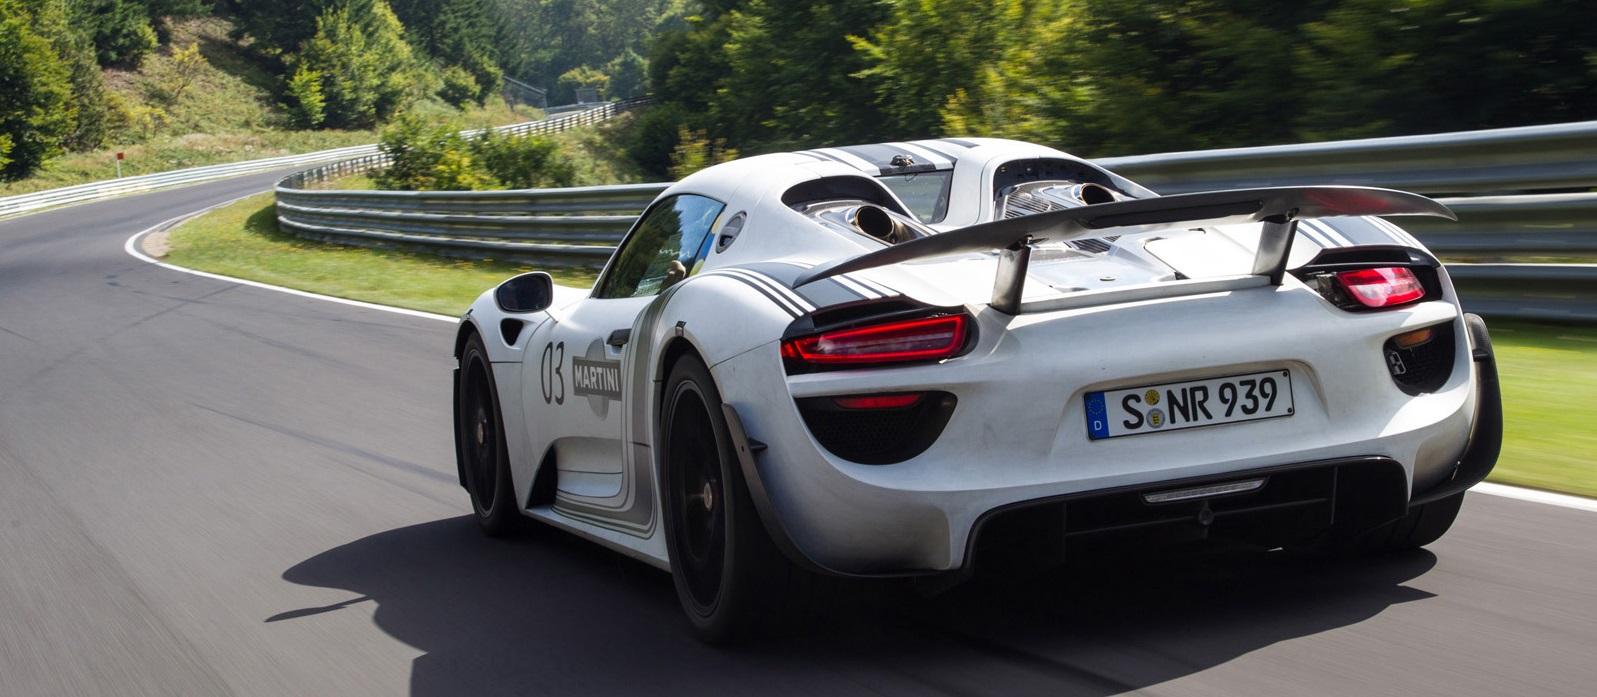 Тест-драйв Porsche 918 Spyder 2014 в Испании